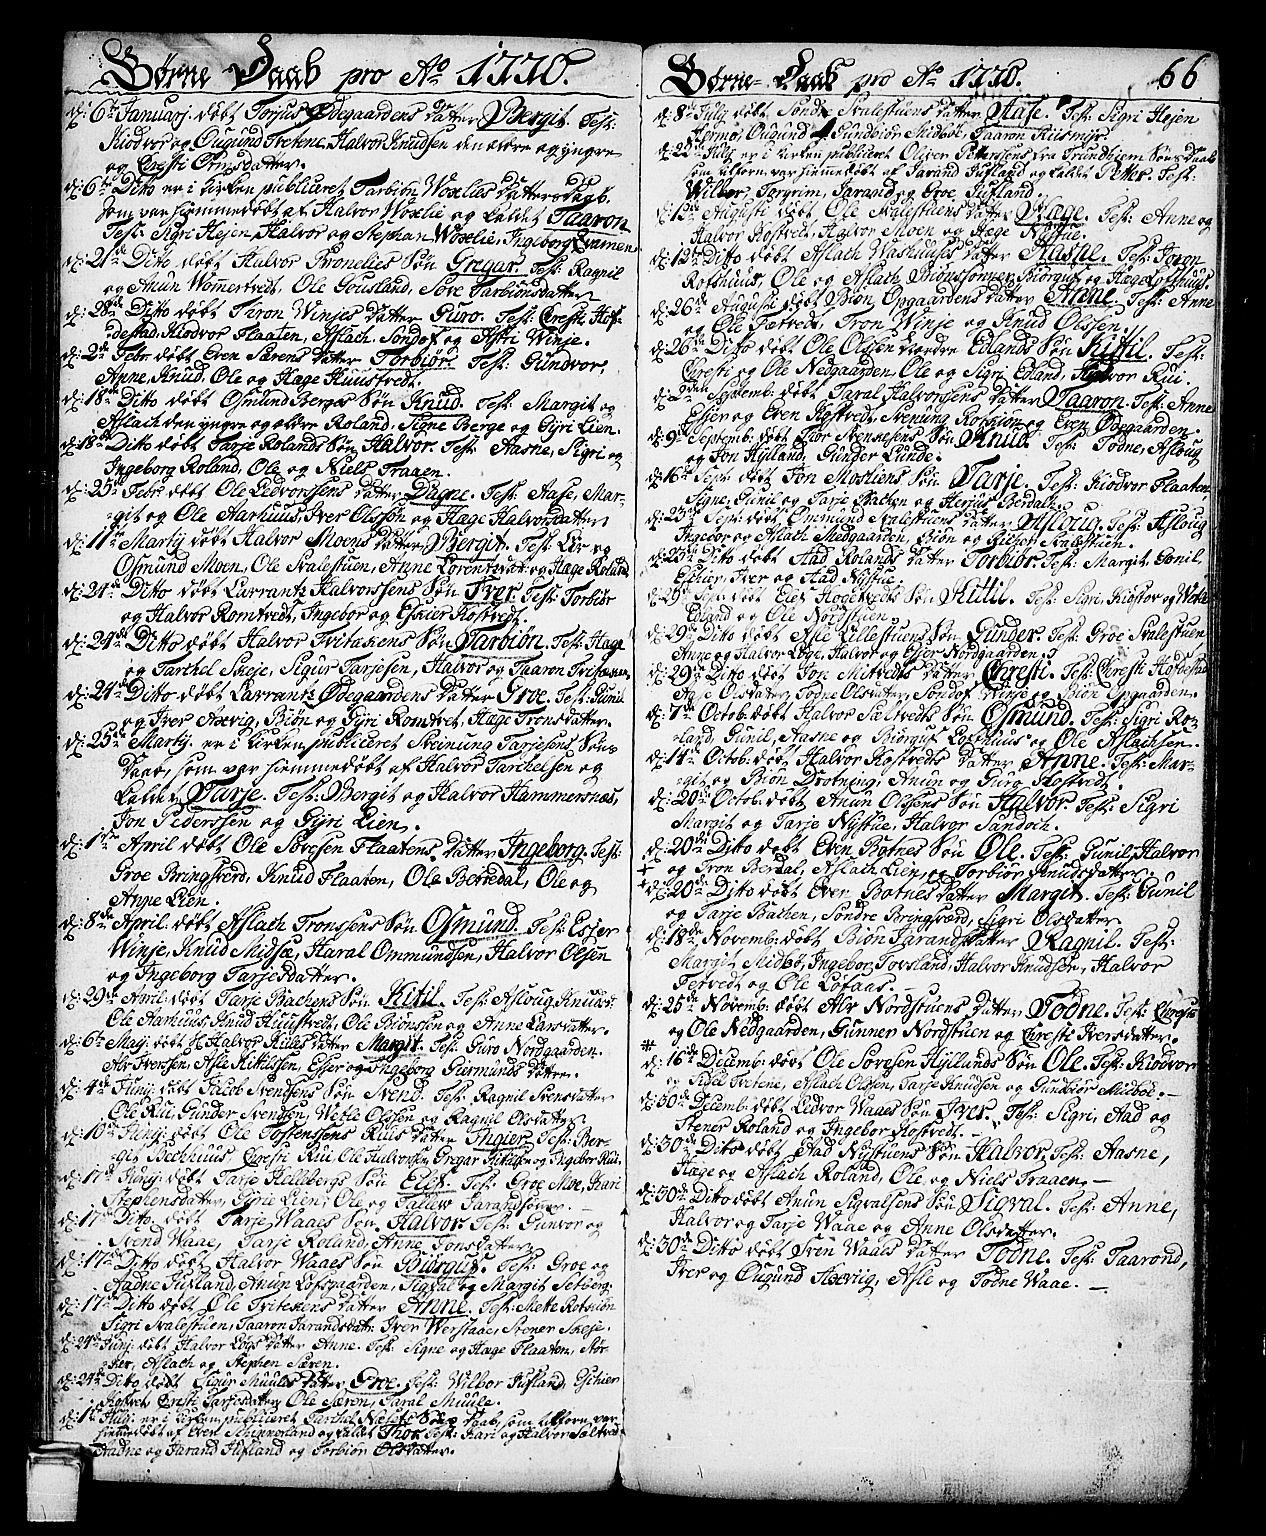 SAKO, Vinje kirkebøker, F/Fa/L0002: Ministerialbok nr. I 2, 1767-1814, s. 66